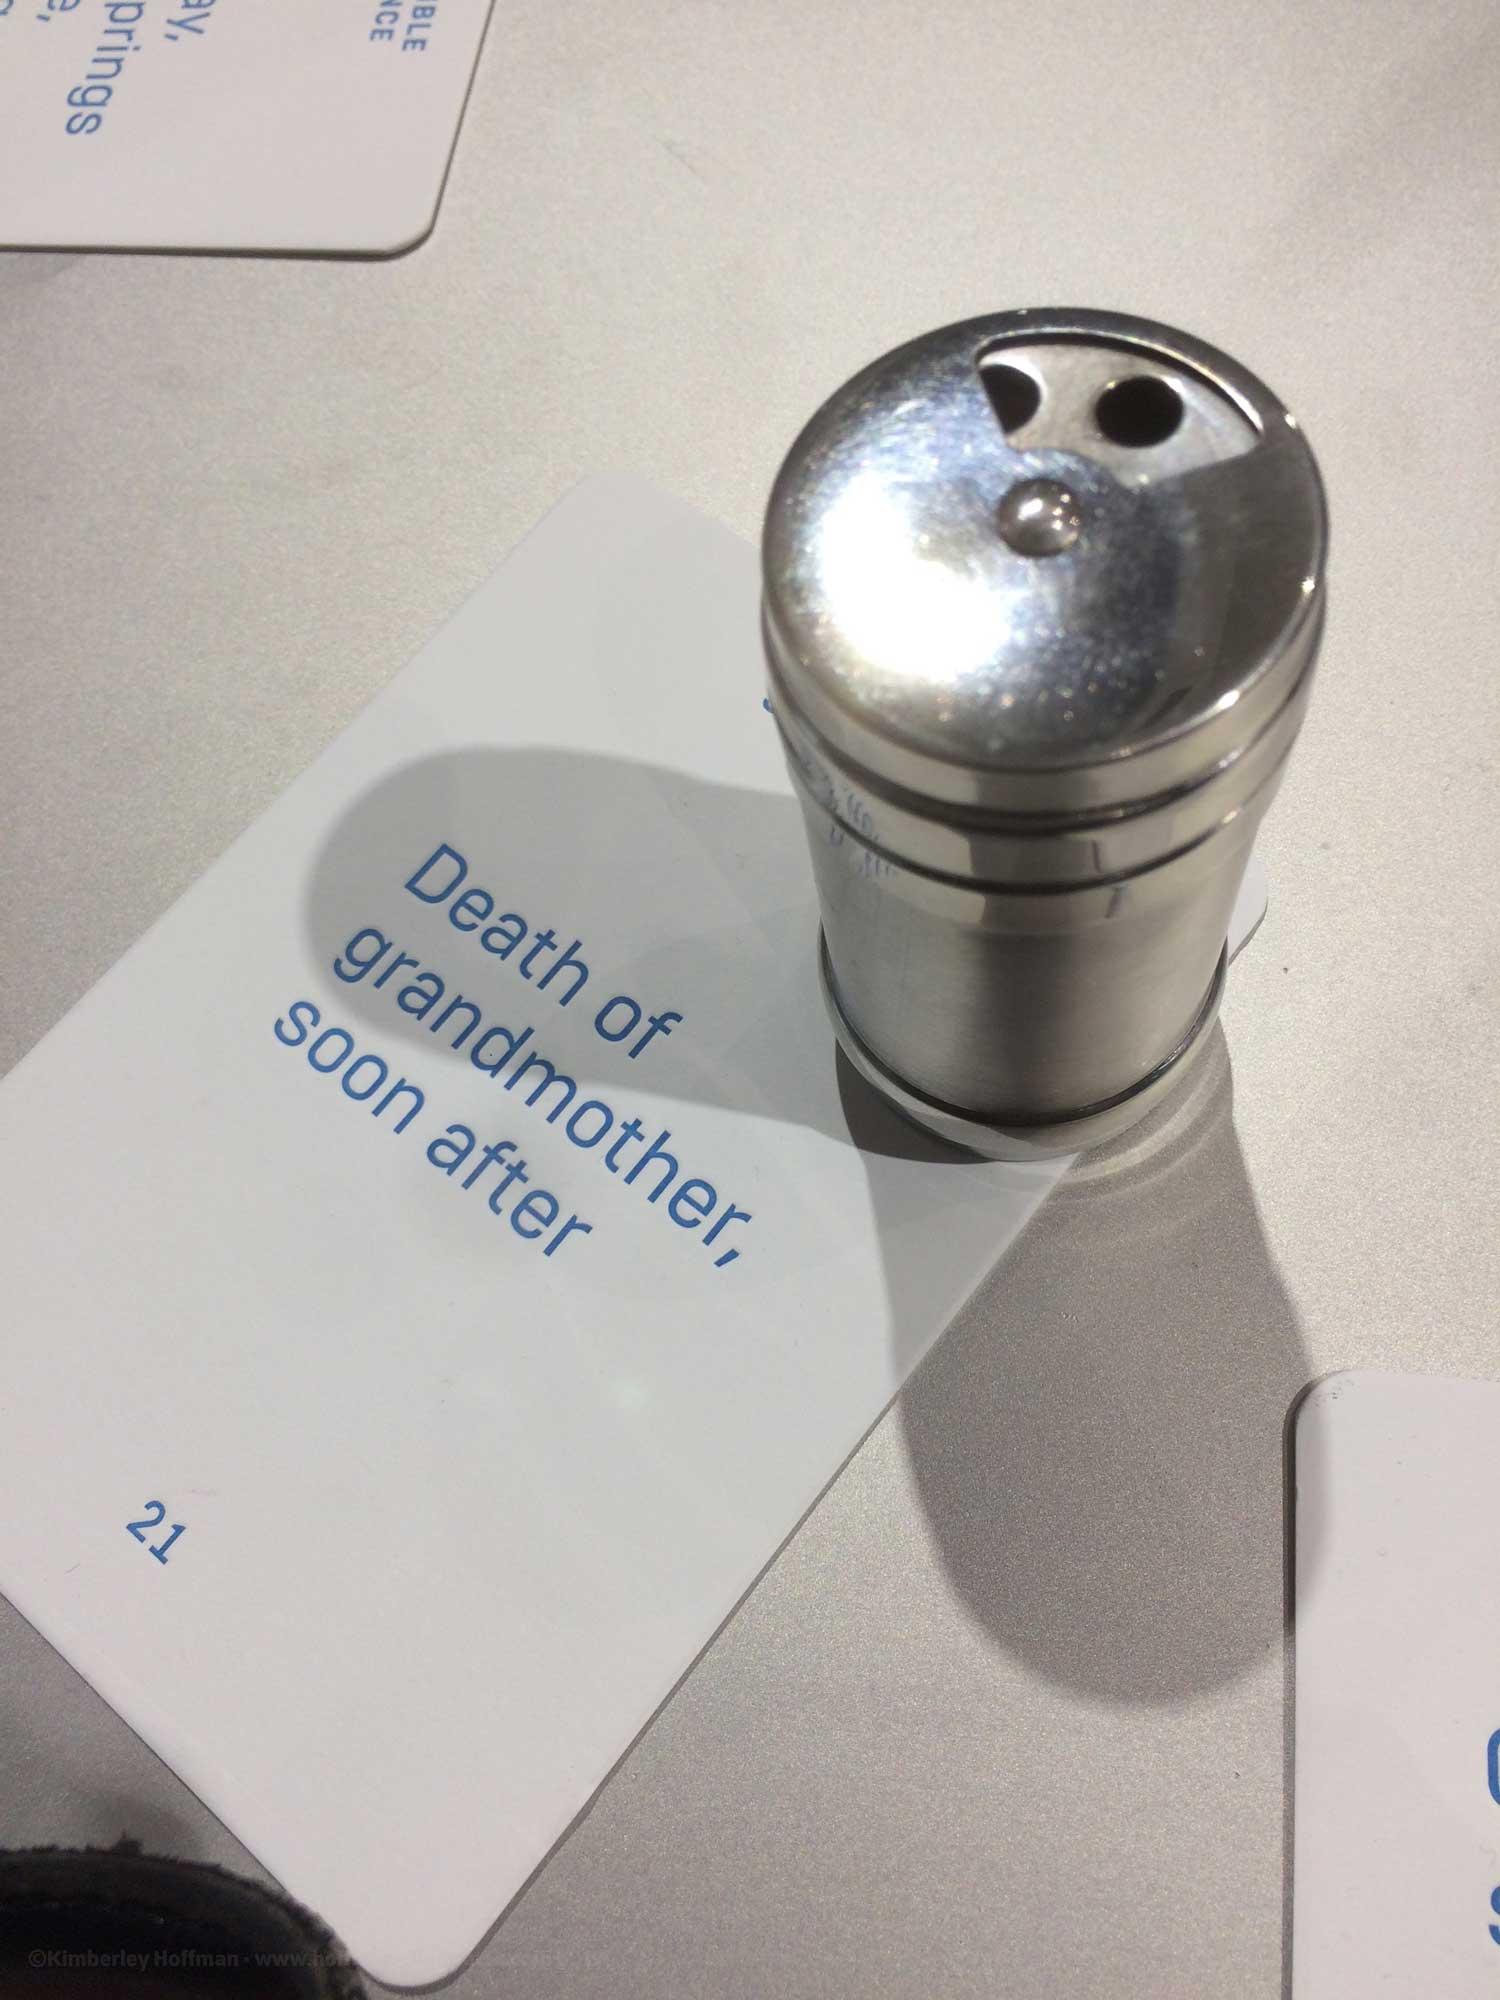 """Dieses Foto zeigt einen Ausschnitt der Duftausstellung auf der Frankfurter Buchmesse. Es ist eine Gewürzdose neben einer beschrifteten Karte. Auf der Karte steht """"Death of grandmother, soon after"""" zu deutsch: """"Tod der Großmutter, kurz danach"""""""